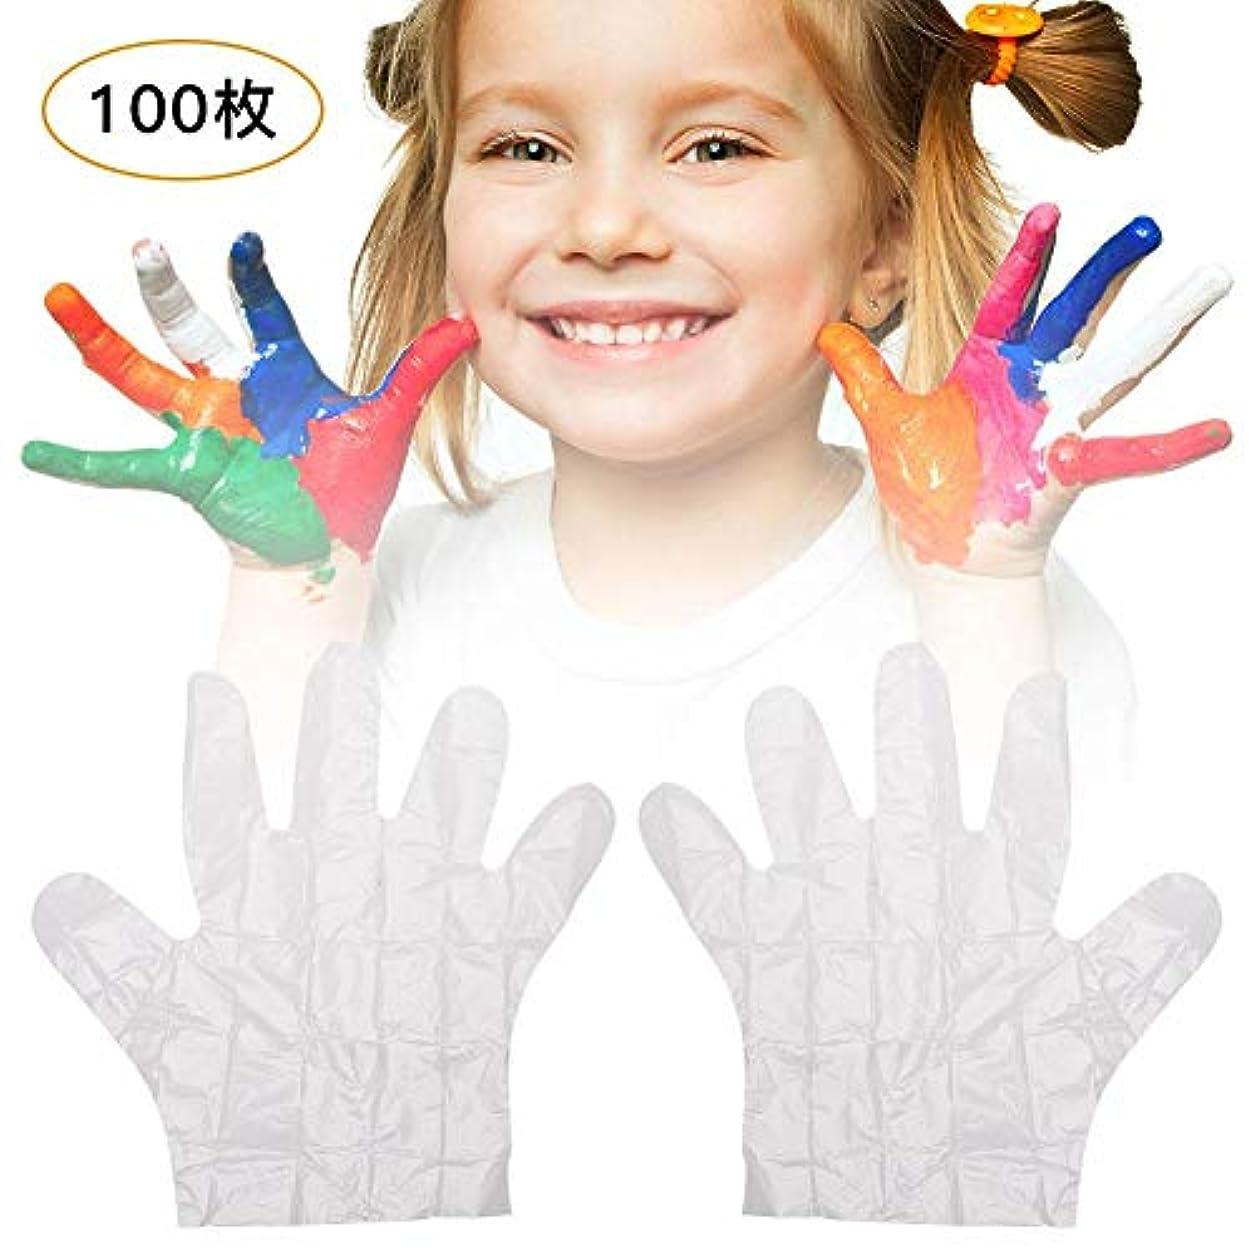 イベント無一文コスチューム使い捨て手袋 子供用 極薄ビニール手袋 LUERME ポリエチレン 透明 実用 衛生 100枚/200枚セット 左右兼用